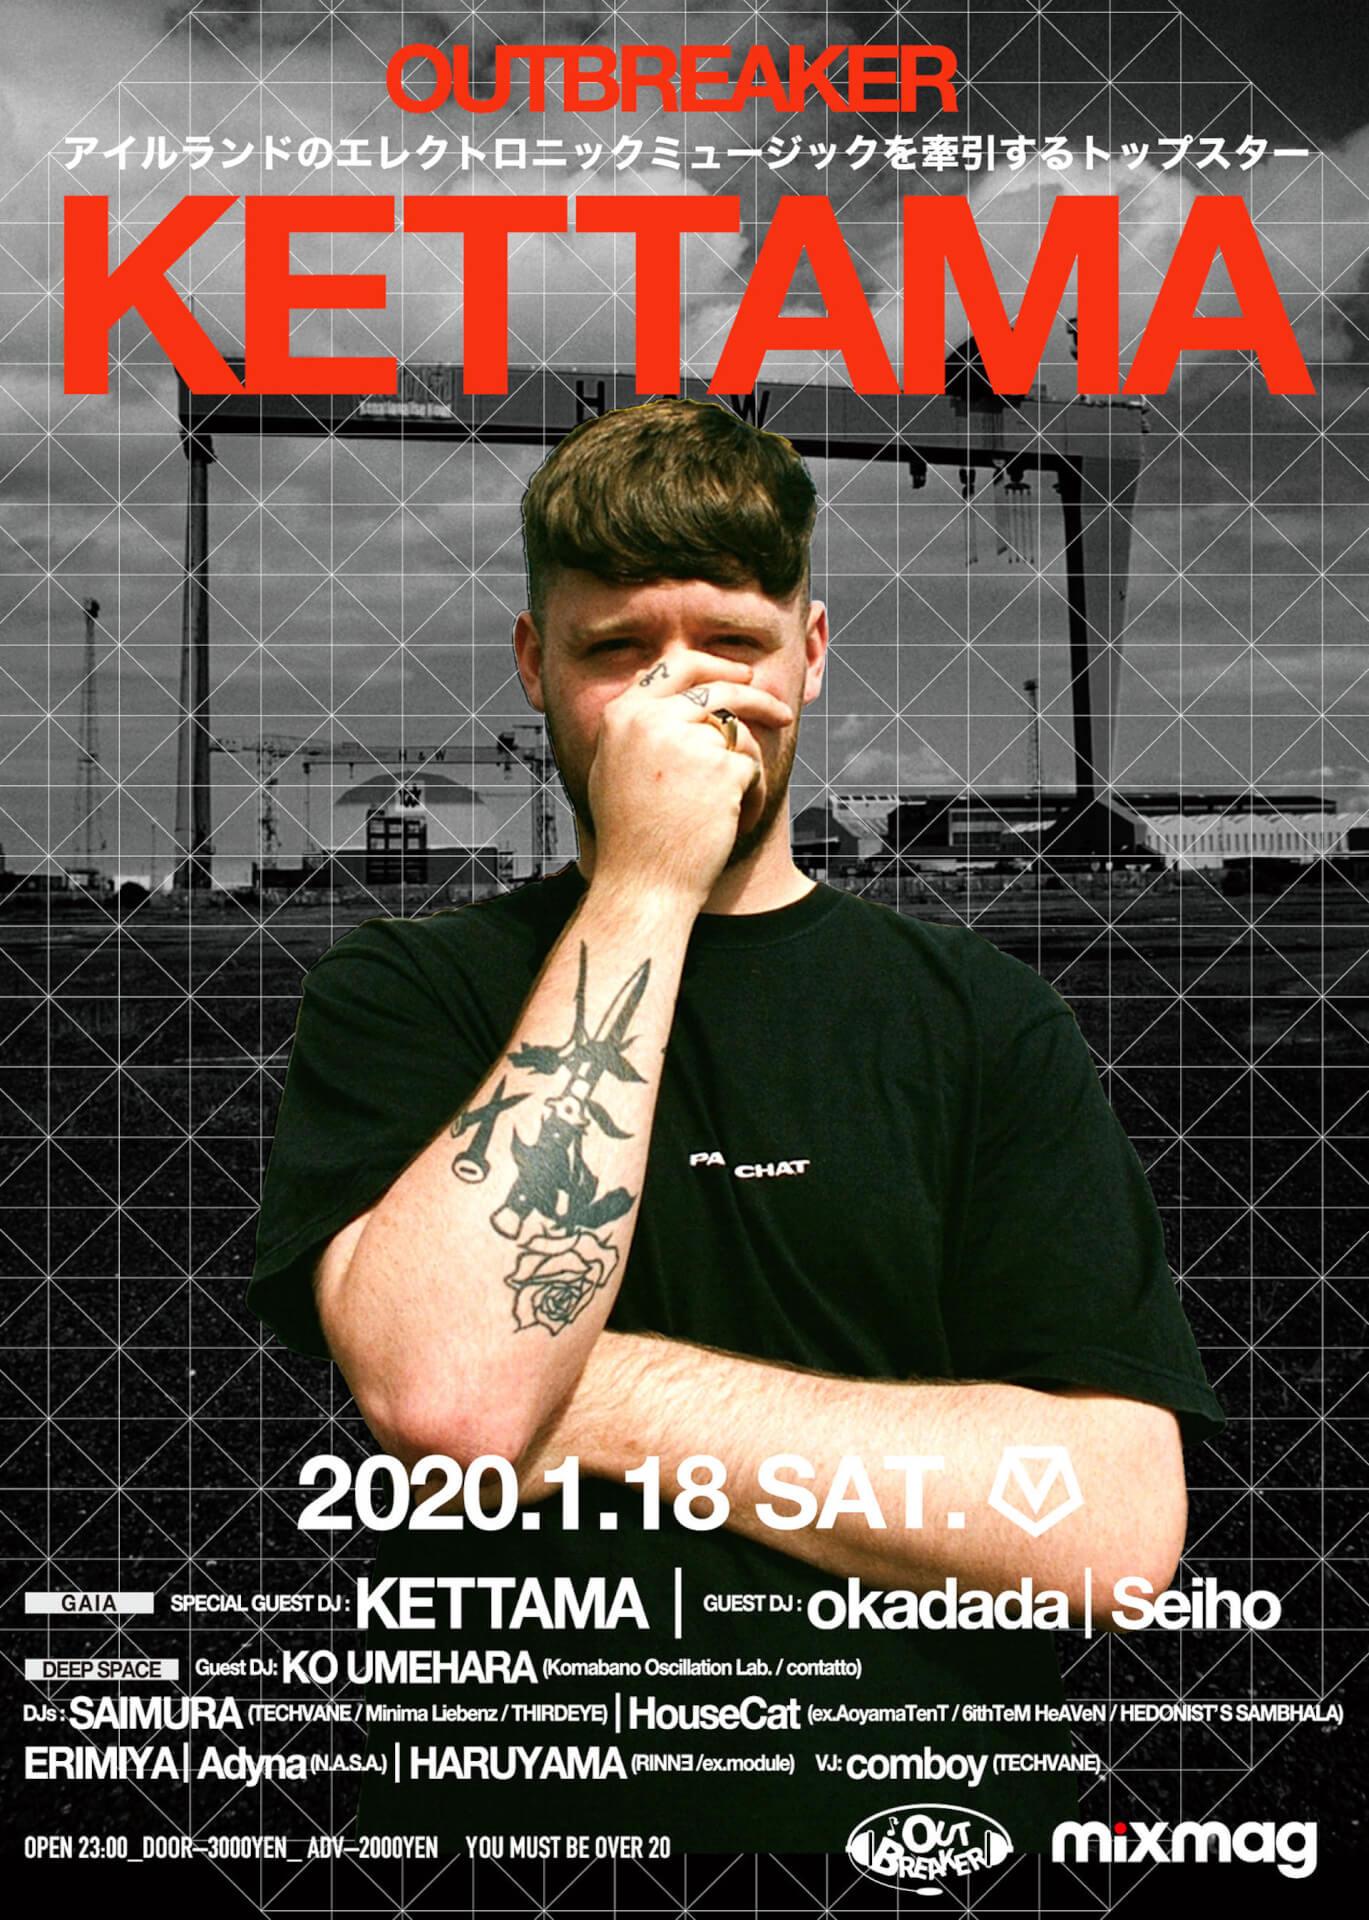 ヨーロッパのクラブシーンを賑わすアイルランドのDJ・KETTAMAが初来日!VISIONにて<OUTBREAKER feat. KETTAMA>が開催 music200114_kettamavision_01